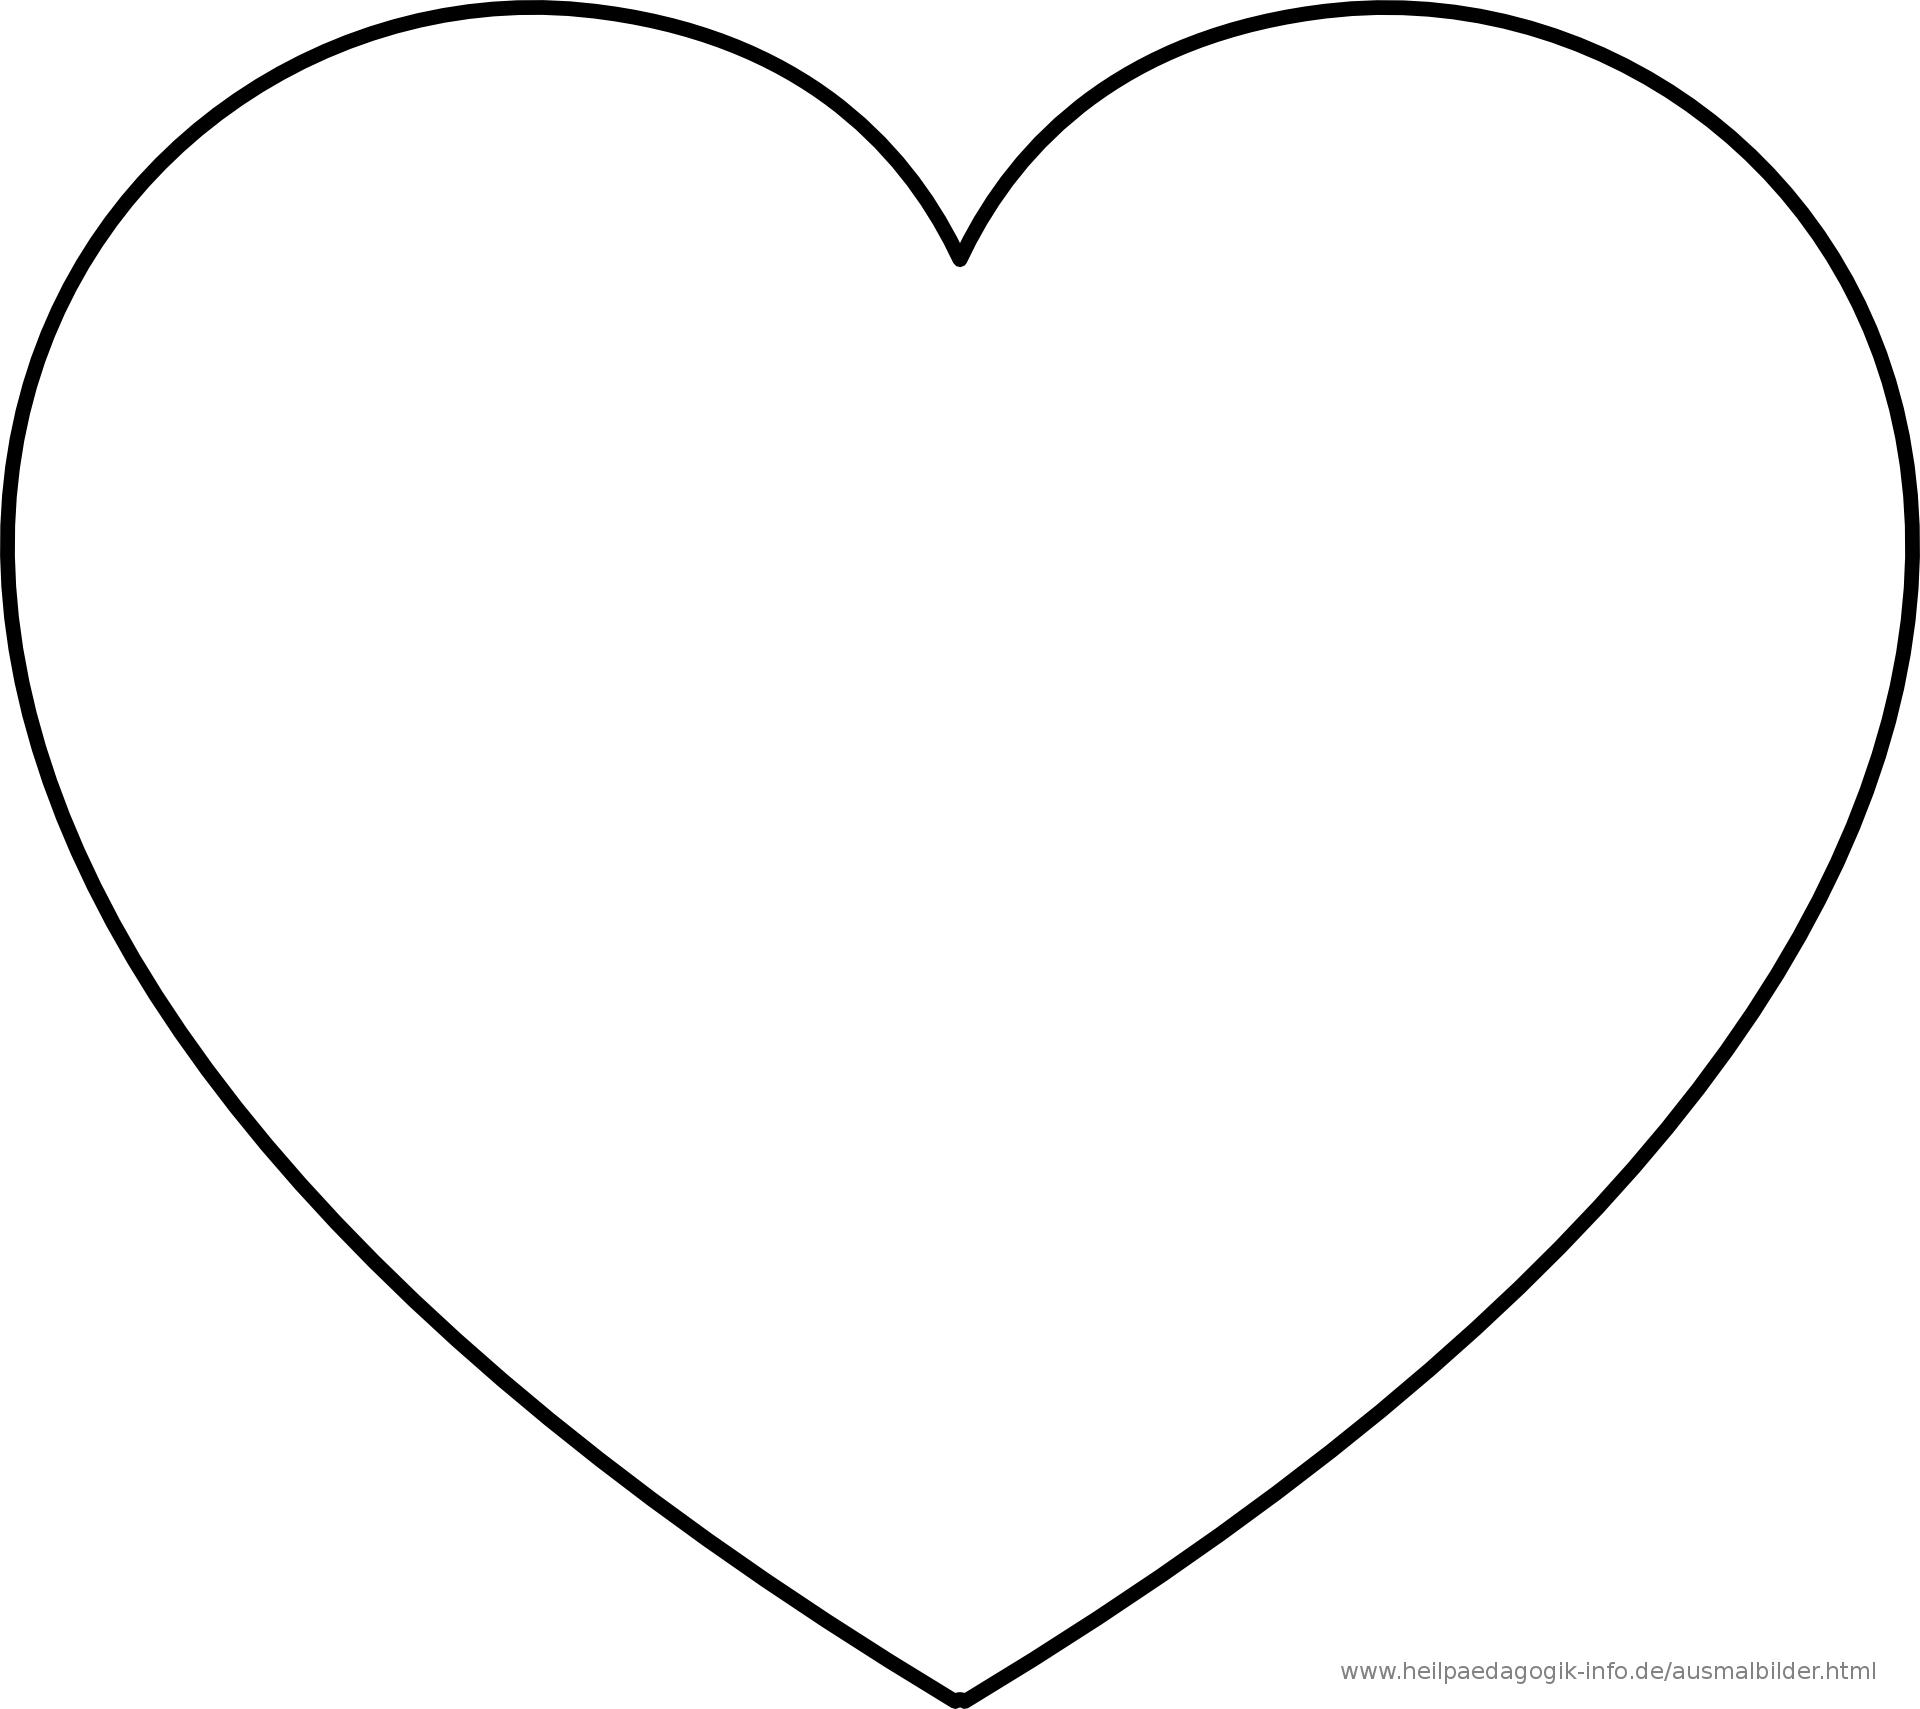 Pin Von Amber Auf Vicky Herz Ausmalbild Herz Vorlage Herzschablone